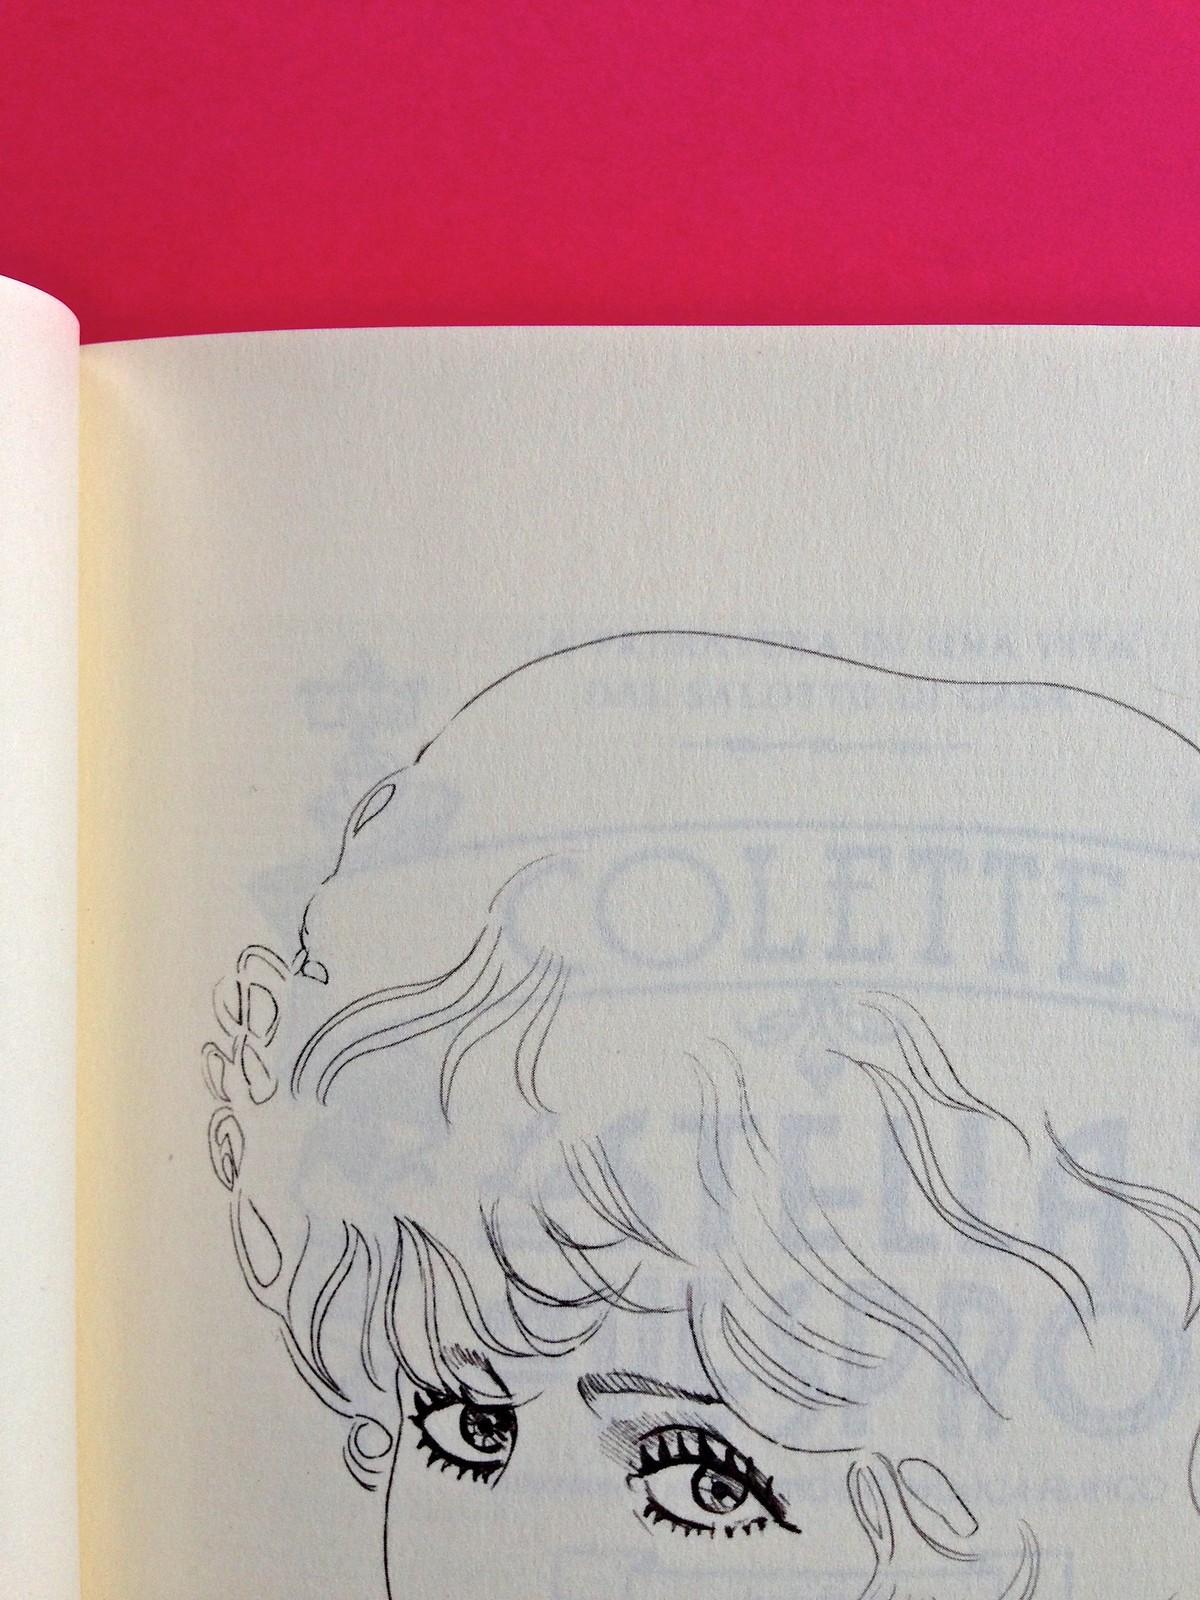 La stella del vespro, di Colette. Del Vecchio Editore 2015. Art direction, cover, illustrazioni, logo design: IFIX | Maurizio Ceccato. Ill. b/n, ritratto dell'autrice, a pag. 5 (part.), 1